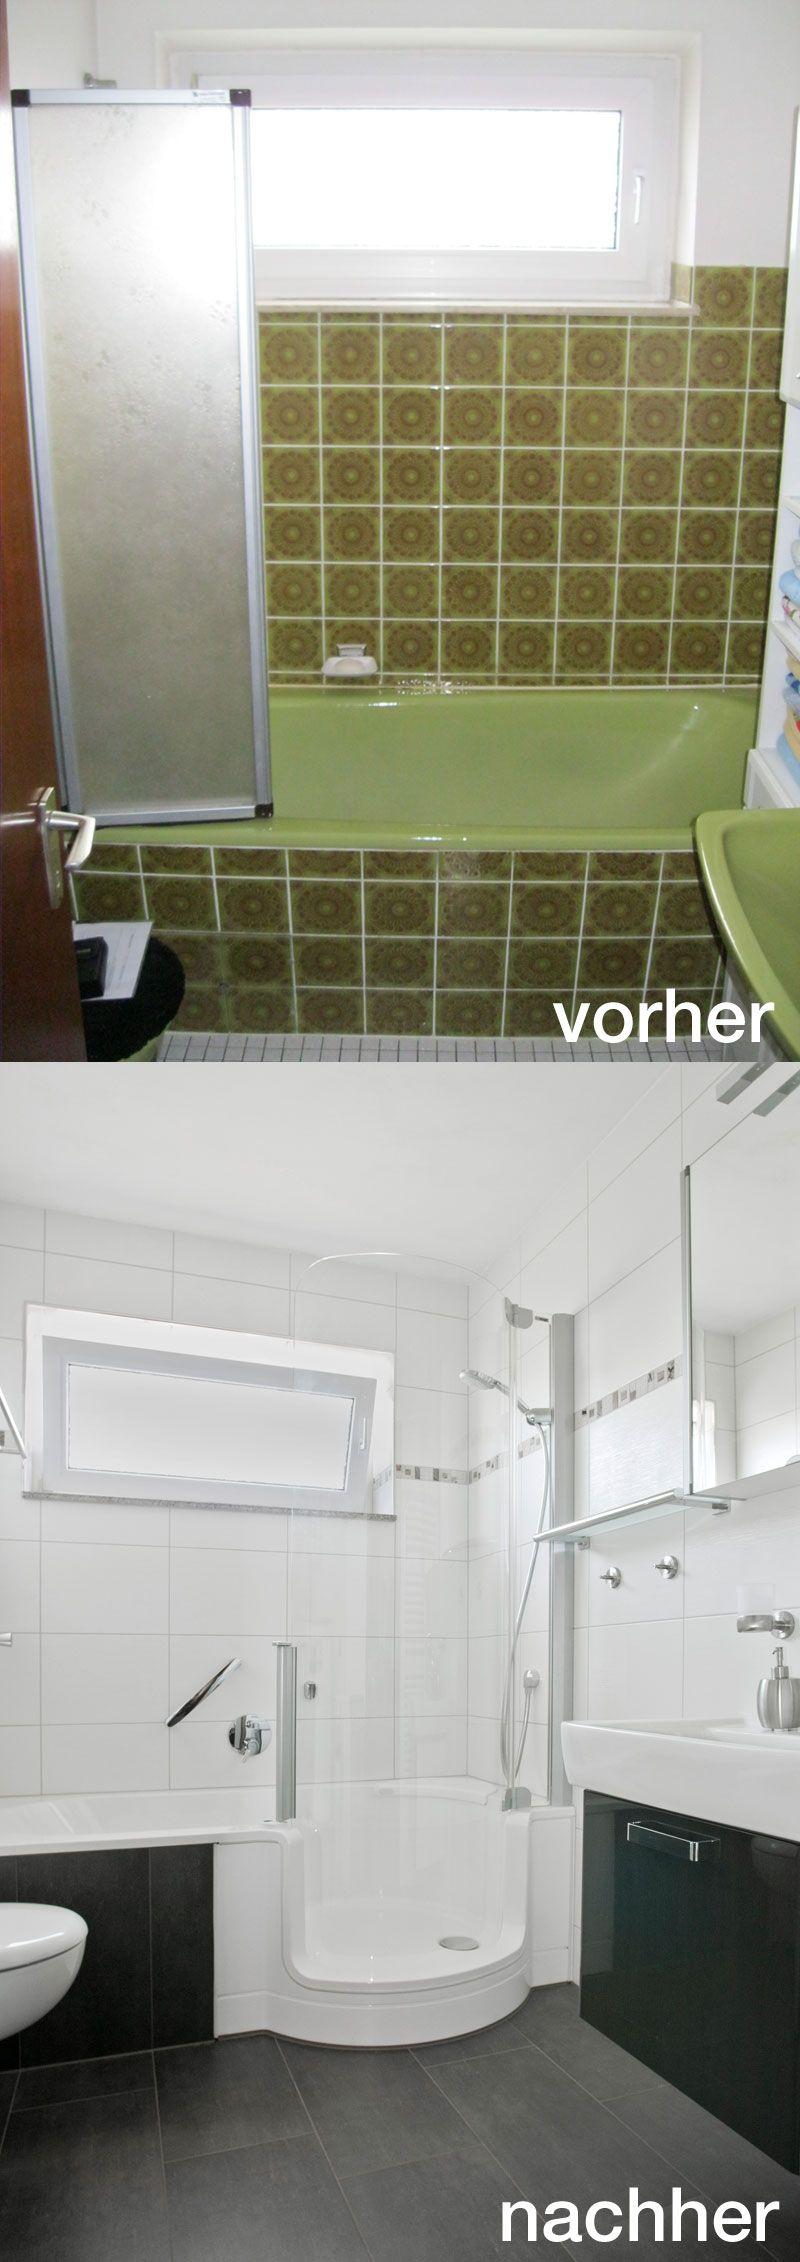 Ein Lebhaftes Sehr Lebenswertes Studio Apartment Auf 2 Ebenen Renovierung Wohnungsrenovierungen Wohnung Renovierung